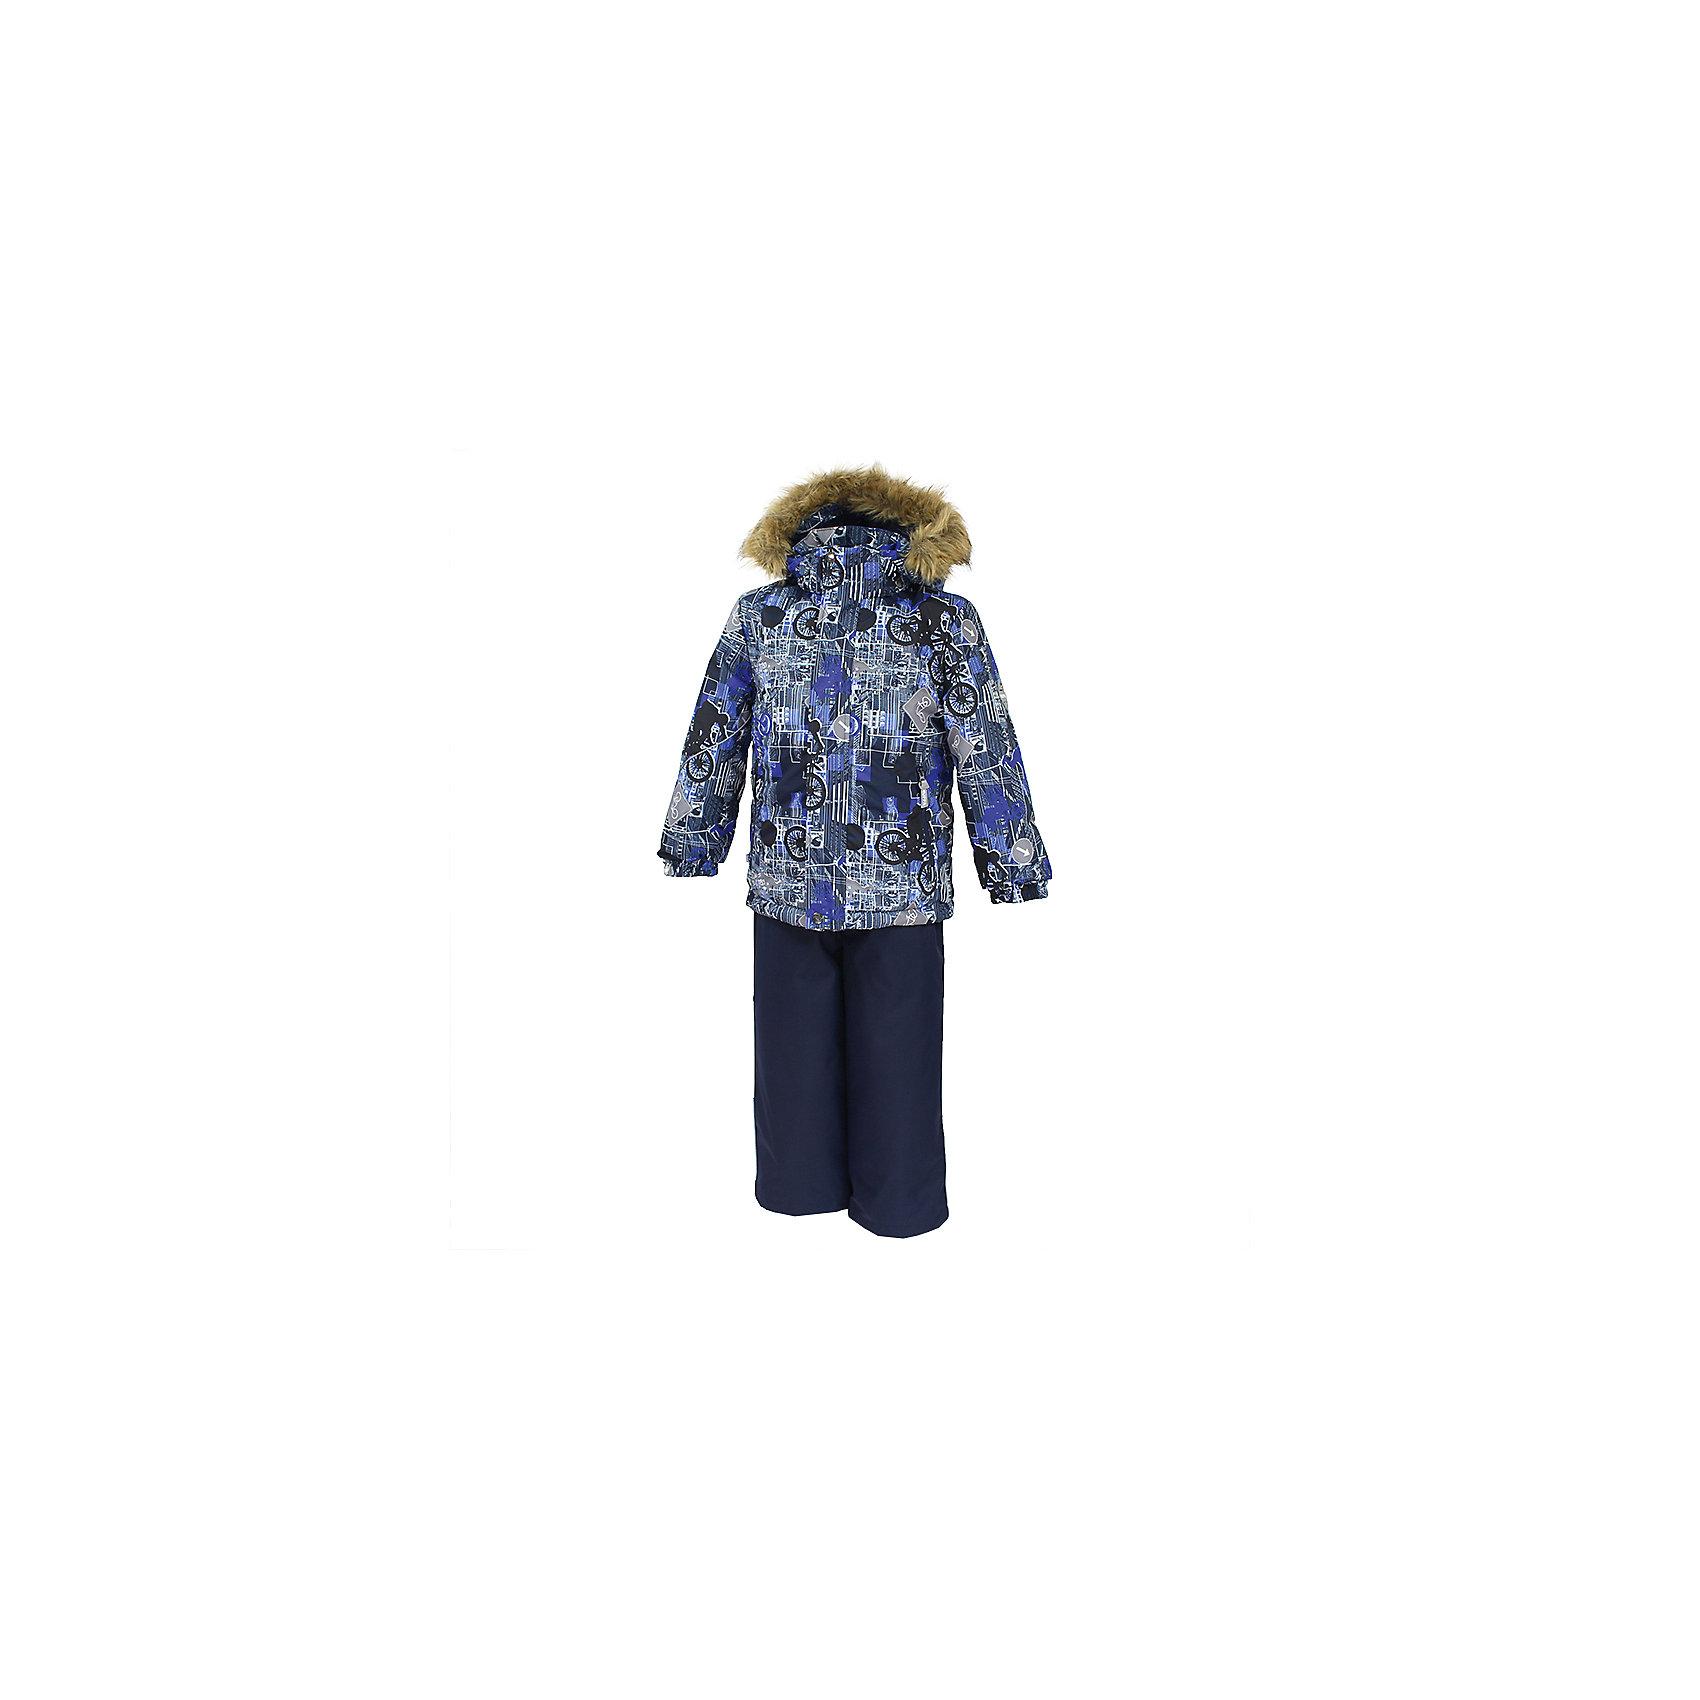 Комплект: куртка и брюки DANTE 1 HuppaВерхняя одежда<br>Характеристики товара:<br><br>• модель: Dante 1;<br>• цвет: синий принт/синий;<br>• состав: 100% полиэстер;<br>• утеплитель: нового поколения HuppaTherm, 300 гр куртка / 160гр полукомбинезон;<br>• подкладка: полиэстер: тафта, pritex;<br>• сезон: зима;<br>• температурный режим: от -5 до - 30С;<br>• водонепроницаемость: 10000 мм  ;<br>• воздухопроницаемость: 10000 г/м2/24ч;<br>• особенности модели: c рисунком; с мехом на капюшоне;<br>• плечевые швы и шаговый шов проклеены и не пропускают влагу;<br>• в куртке застежка молния, прикрыта планкой;<br>• низ куртки стягивается кулиской, что помогает предотвращать попадание снега внутрь;<br>• в полукомбинезоне застежка молния;<br>• эластичные подтяжки регулируются по длине;<br>• низ брюк затягивается на шнурок с фиксатором;<br>• снегозащитные манжеты на штанинах<br>• безопасный капюшон крепится на кнопки и, при необходимости, отстегивается;<br>• искусственный мех на капюшоне съемный;<br>• светоотражающие элементы для безопасности ребенка ;<br>• внутренний и боковые карманы застегиваются на молнию;<br>• манжеты рукавов эластичные, на резинках; <br>• страна бренда: Финляндия;<br>• страна изготовитель: Эстония.<br><br>Зимний комплект Dante 1 - это отличный вариант для холодной зимы.. Утеплитель HuppaTherm - высокотехнологичный легкий синтетический утеплитель нового поколения. Сохраняет объем и высокую теплоизоляцию изделия. Легко стирается и быстро сохнет. Изделия HuppaTherm легкие по весу, комфортные и теплые.<br><br>Мембрана препятствует прохождению воды и ветра сквозь ткань внутрь изделия, позволяя испаряться выделяемой телом, образовывающейся внутри влаге. Прочная ткань: сплетения волокон в тканях выполнены по специальной технологии, которая придаёт ткани прочность и предохранят от истирания.Подкладка —полиэстер: тафта, pritex.<br><br>Функциональные элементы: Куртка: капюшон и мех отстегивается,  застежка молния, прикрыта планкой, манжеты на резинке, светоотражающие эле